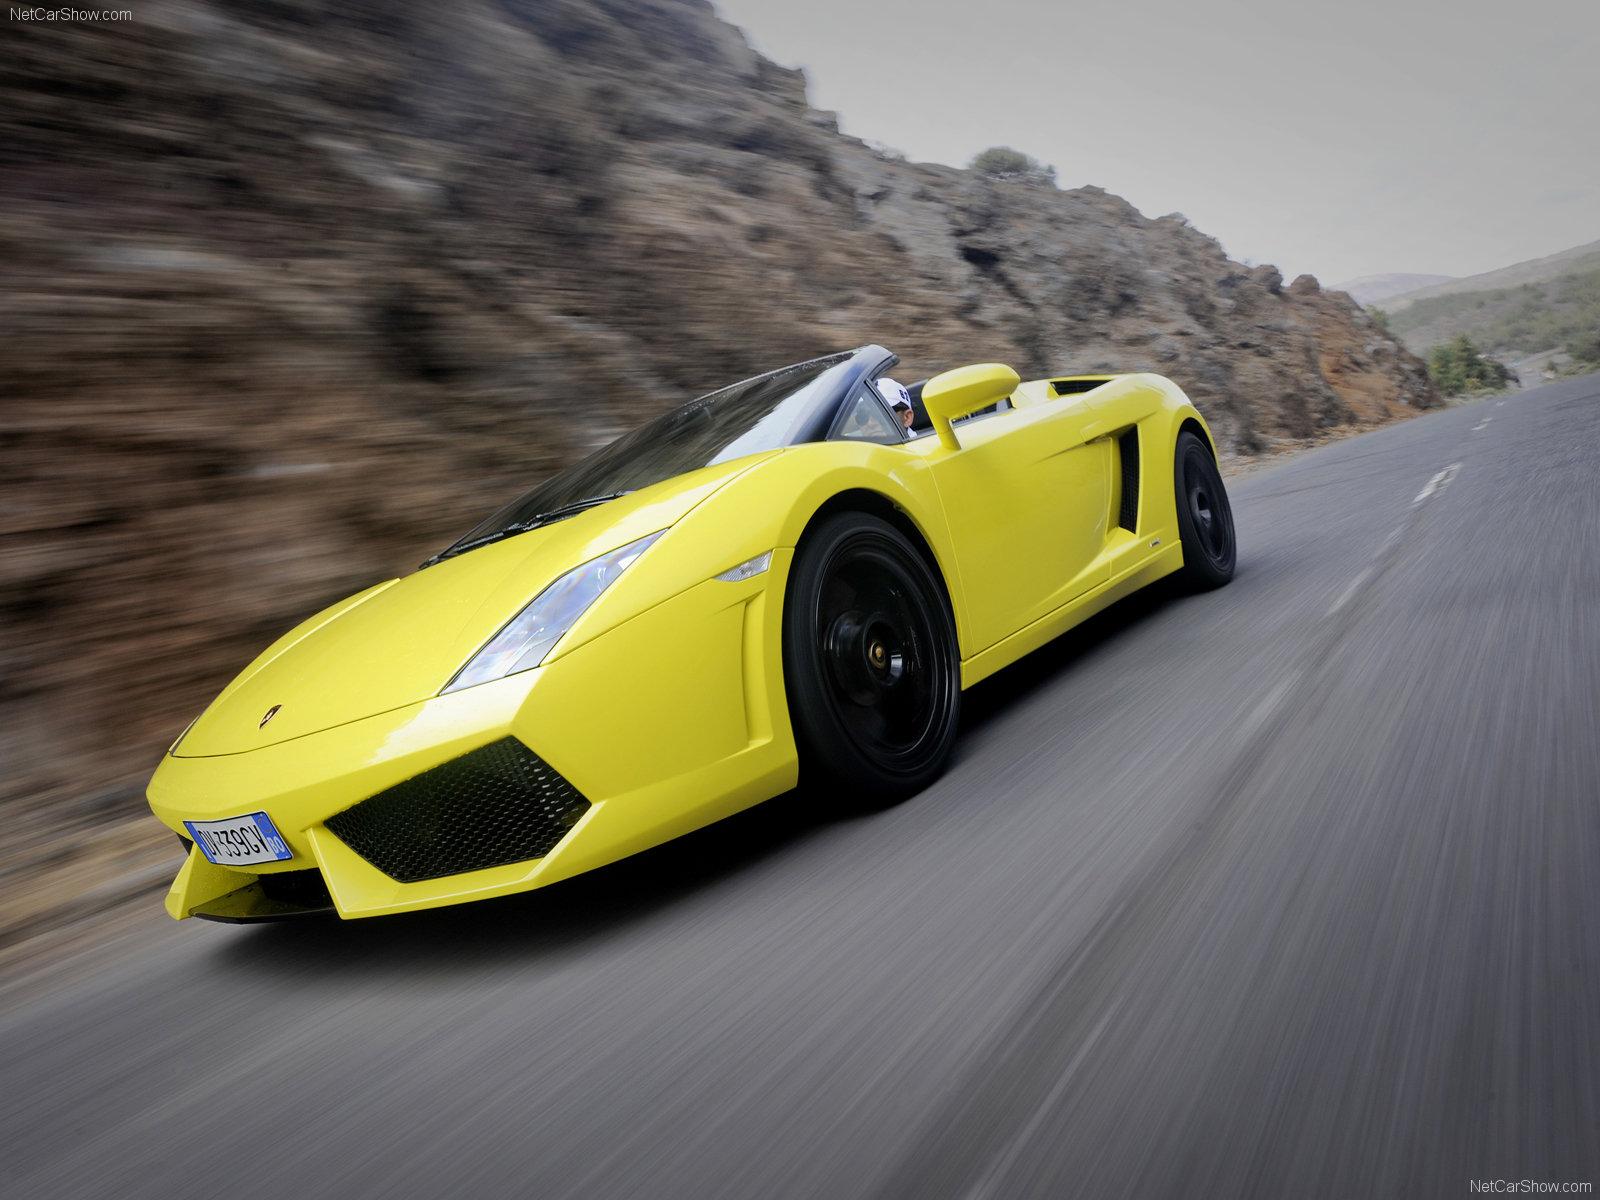 You can vote for this Lamborghini Gallardo LP5604 Spyder photo